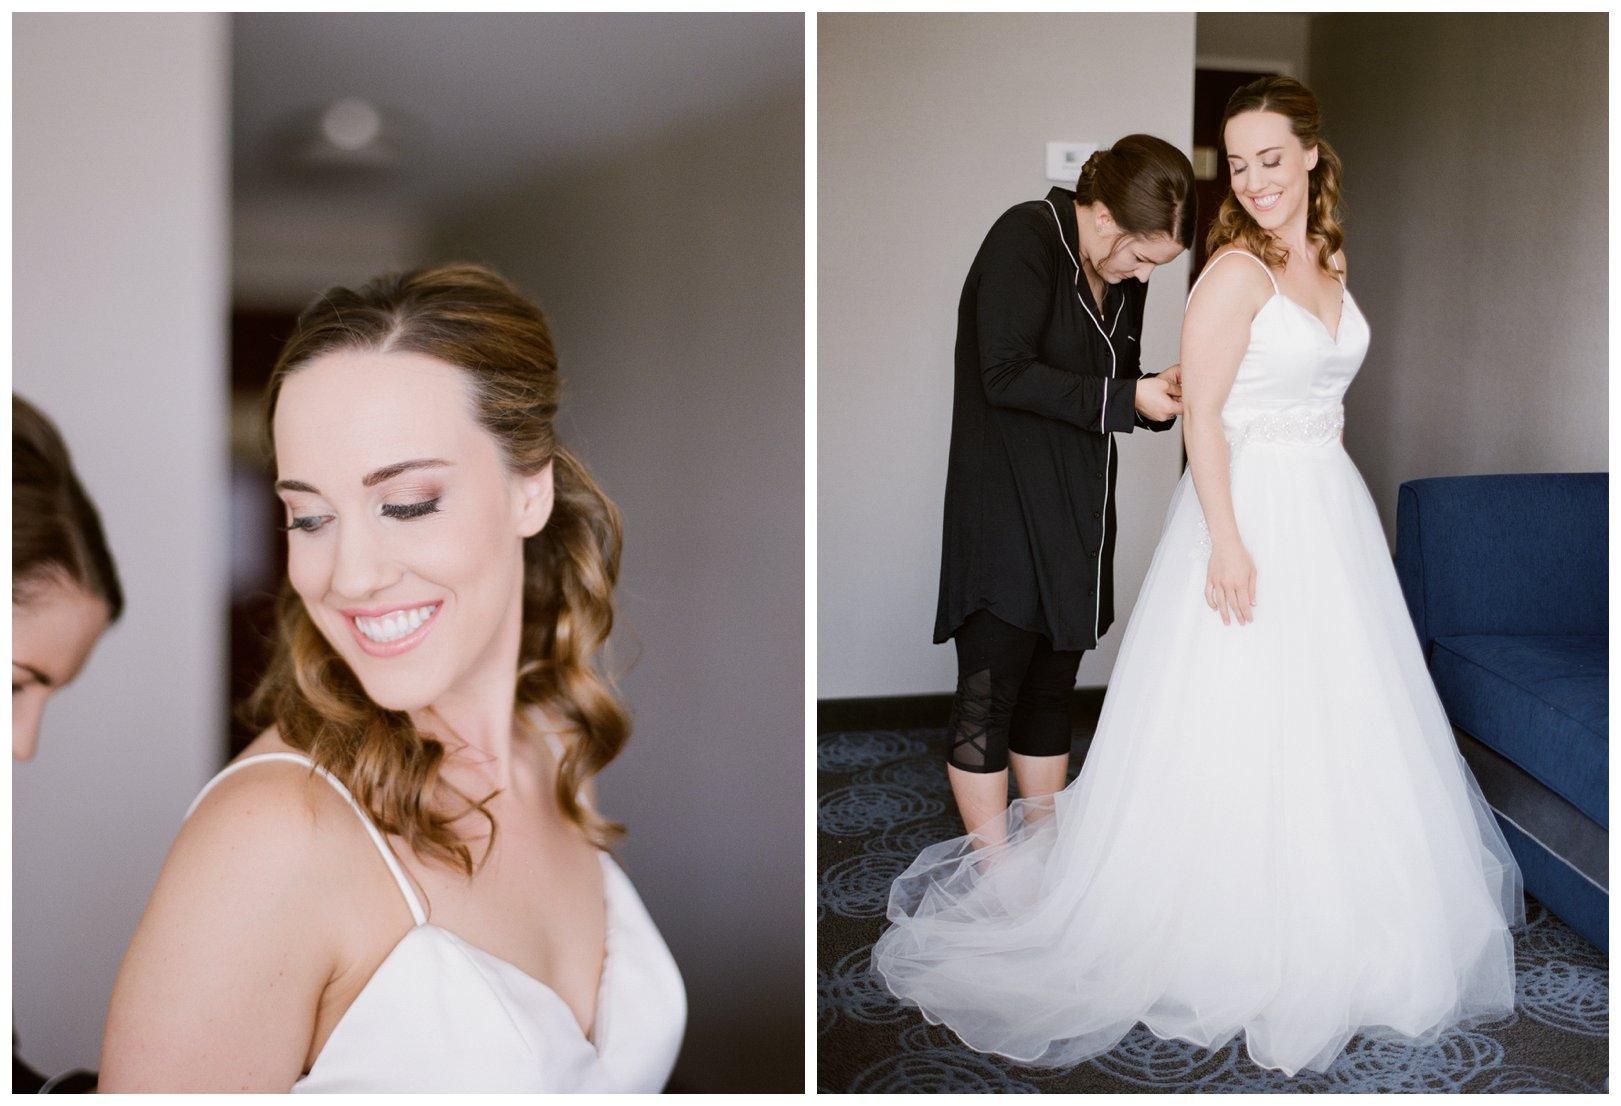 lauren muckler photography_fine art film wedding photography_st louis_photography_1086.jpg